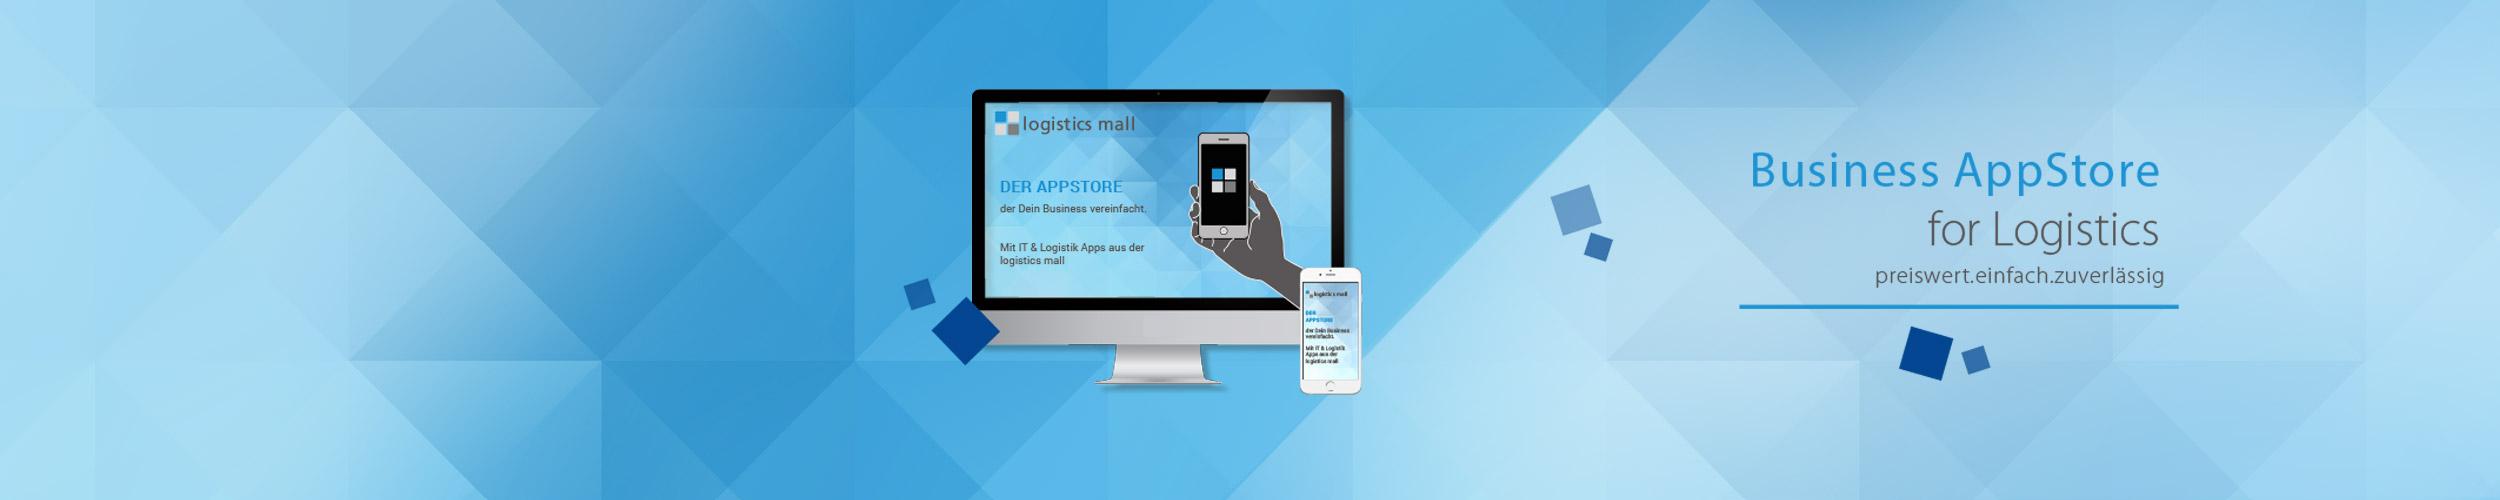 logistics_mall2